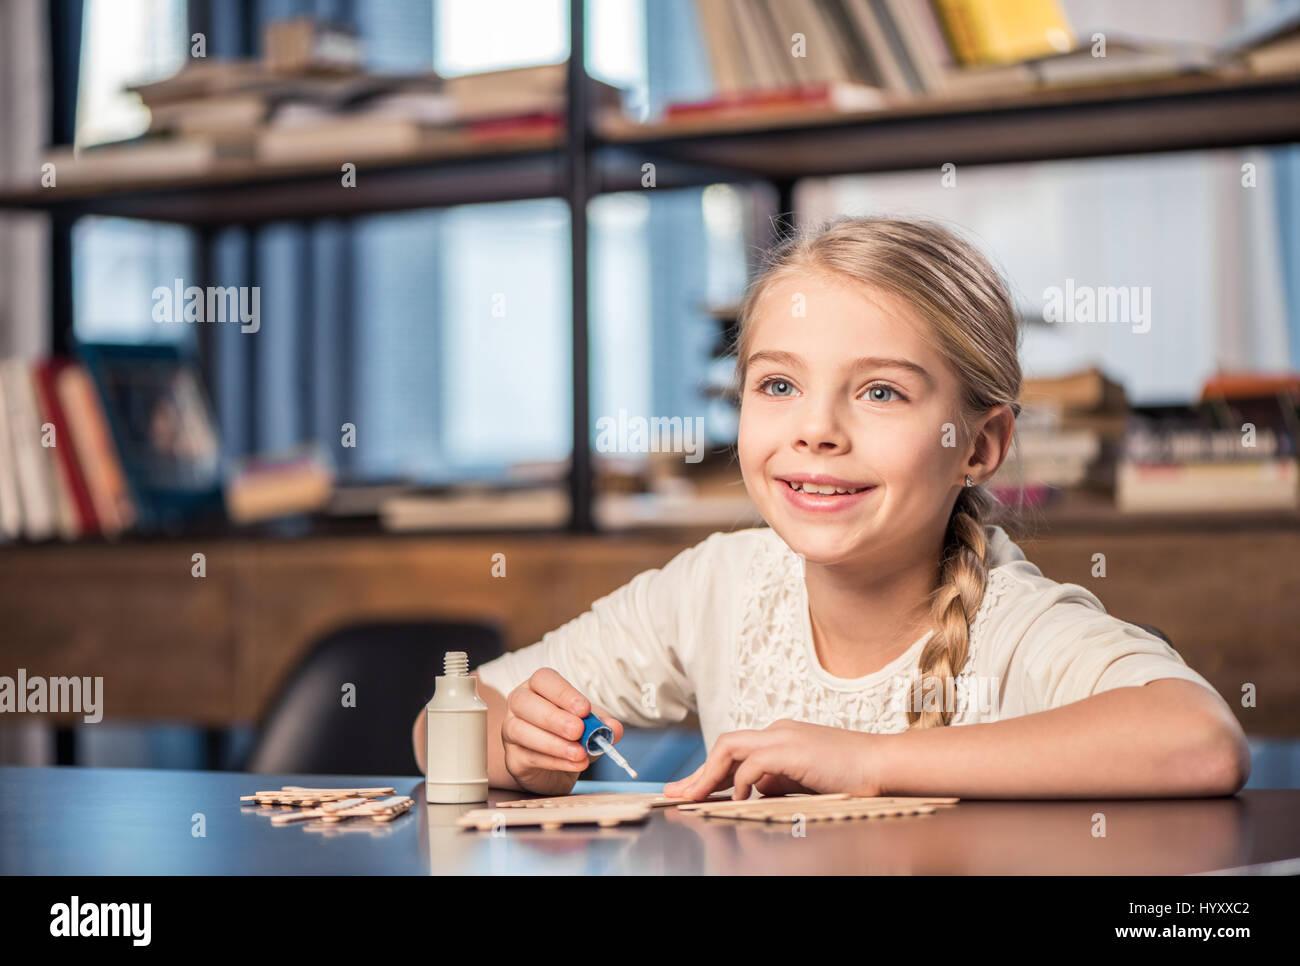 Lächelnde Mädchen Handarbeit mit Eis-Sticks und Kleber Stockbild